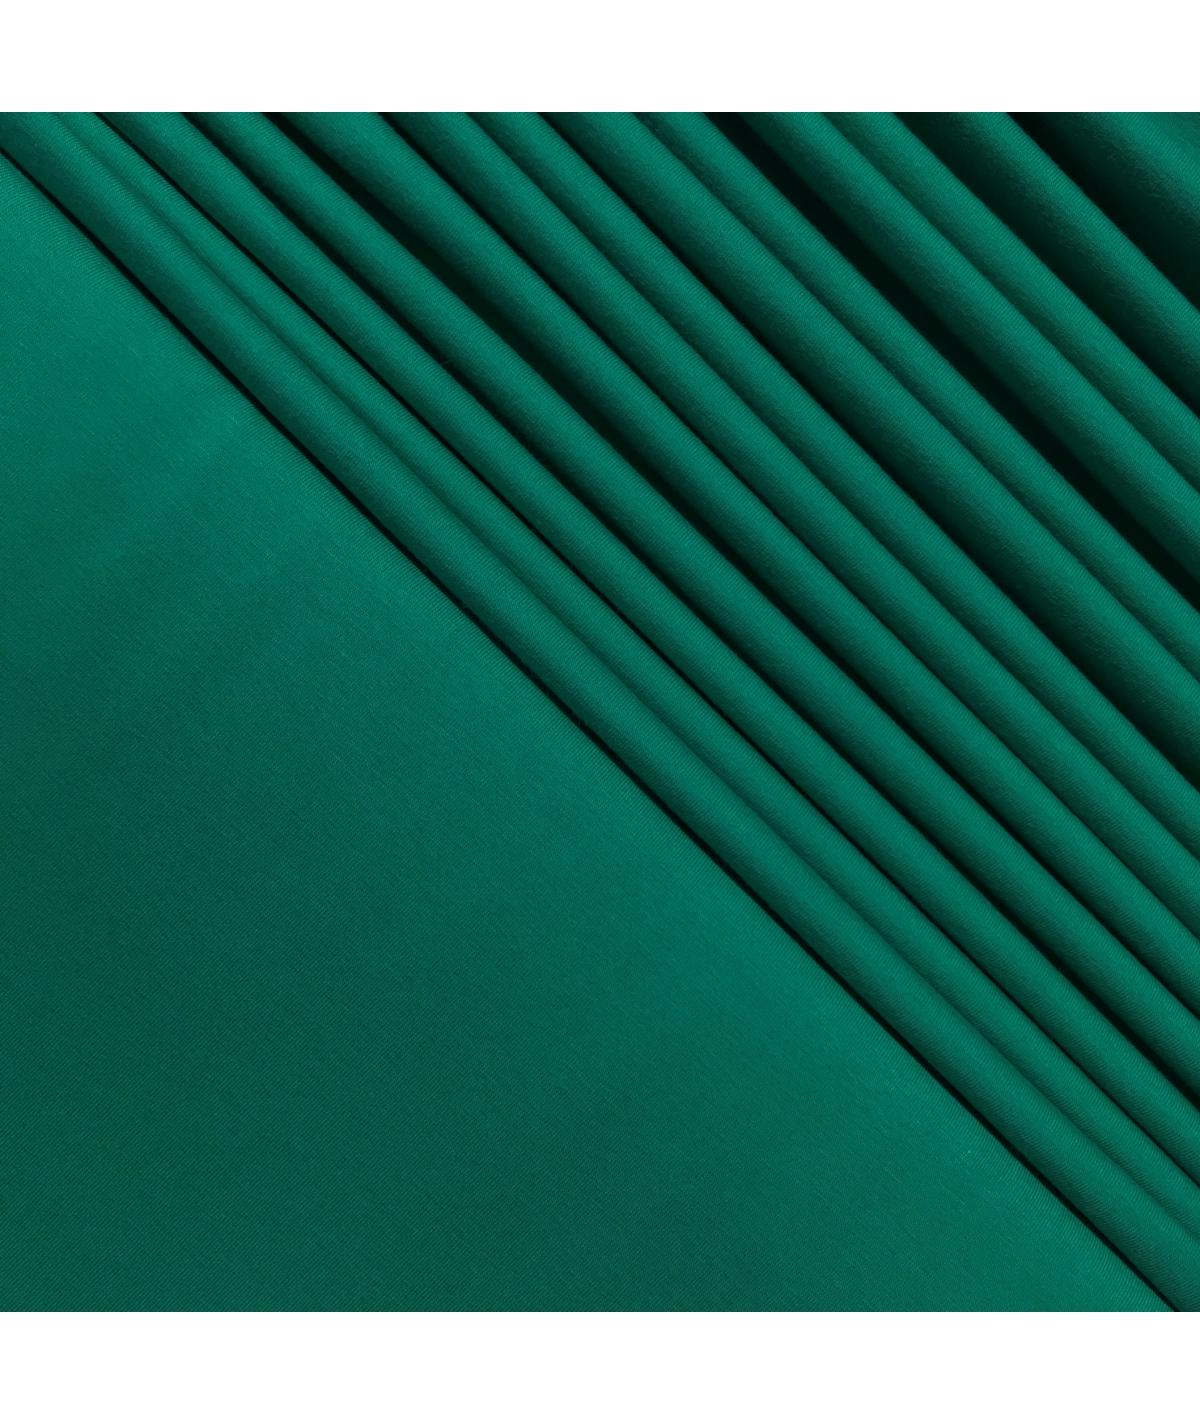 Tričkovina uni kód 8174 0677